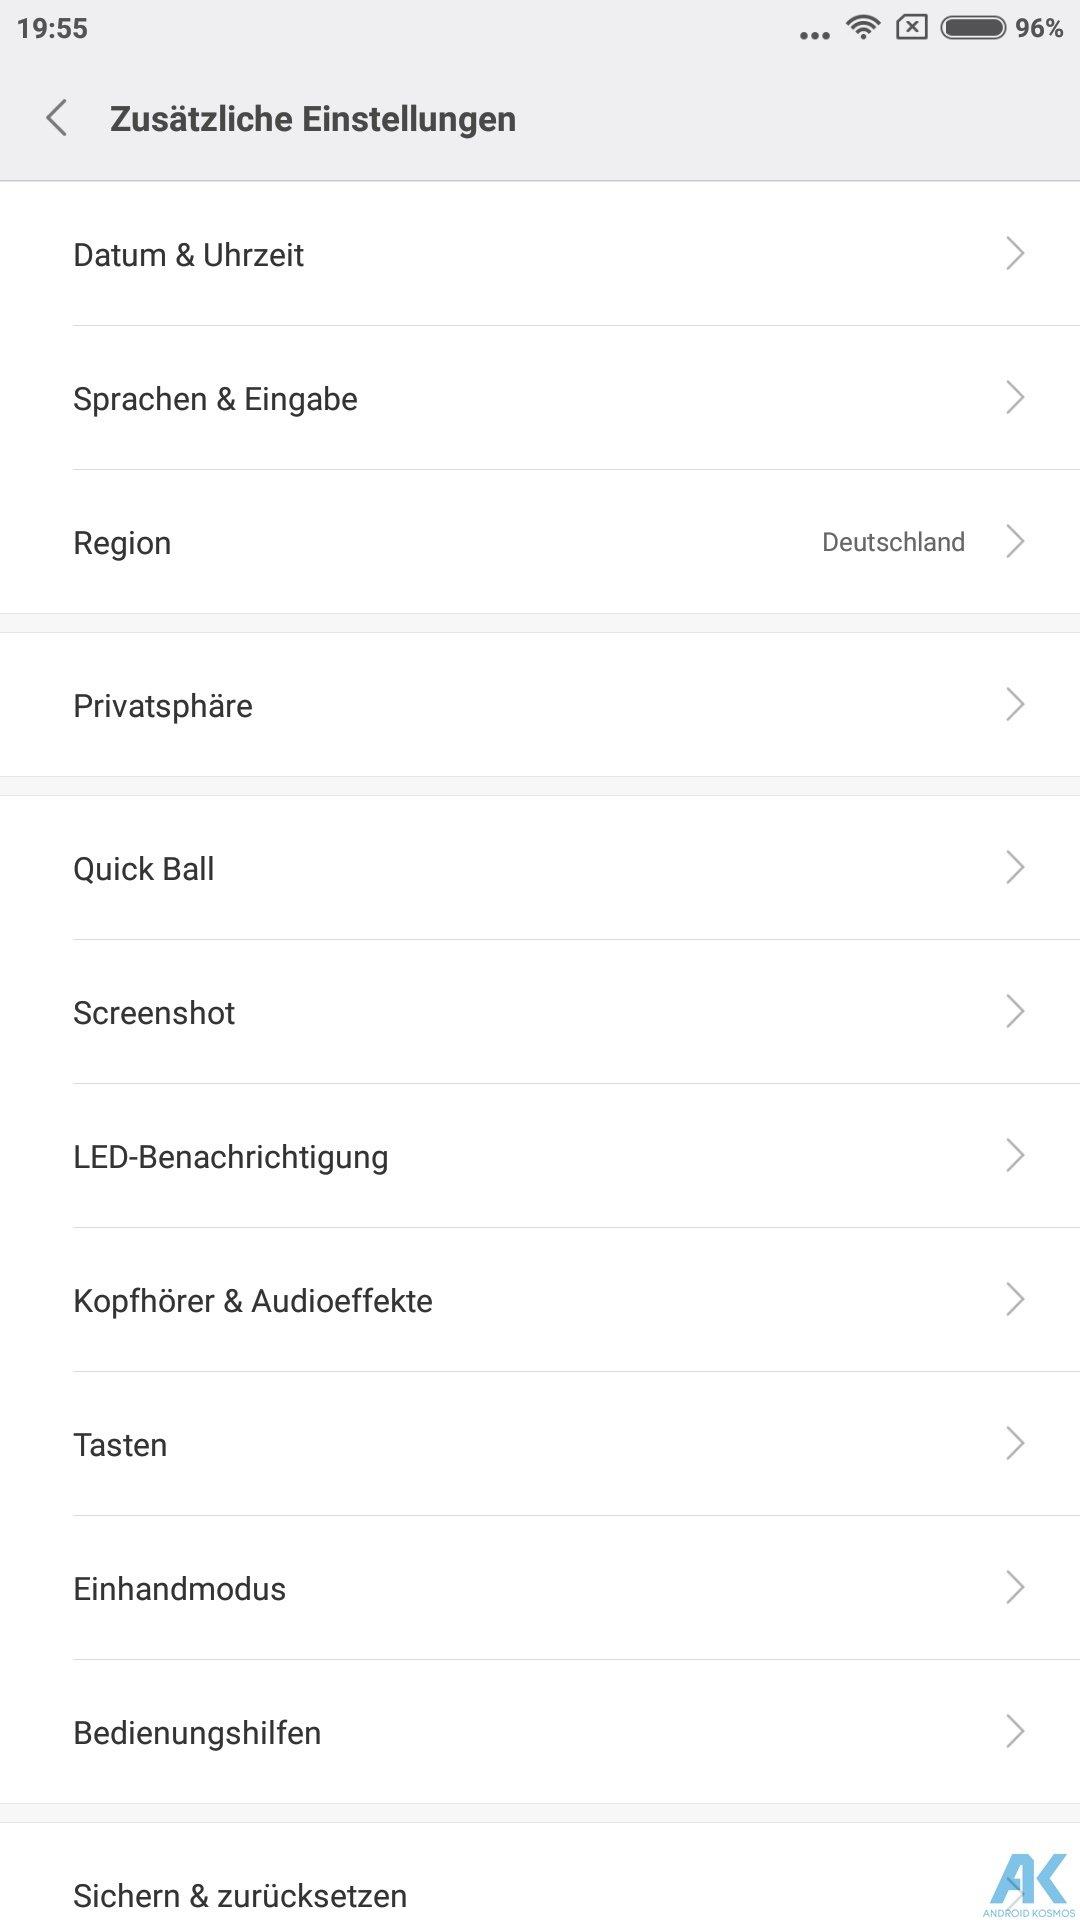 Xiaomi Mi Max 2 Test: Das Phablet ist ein wahrer Akkugigant 111